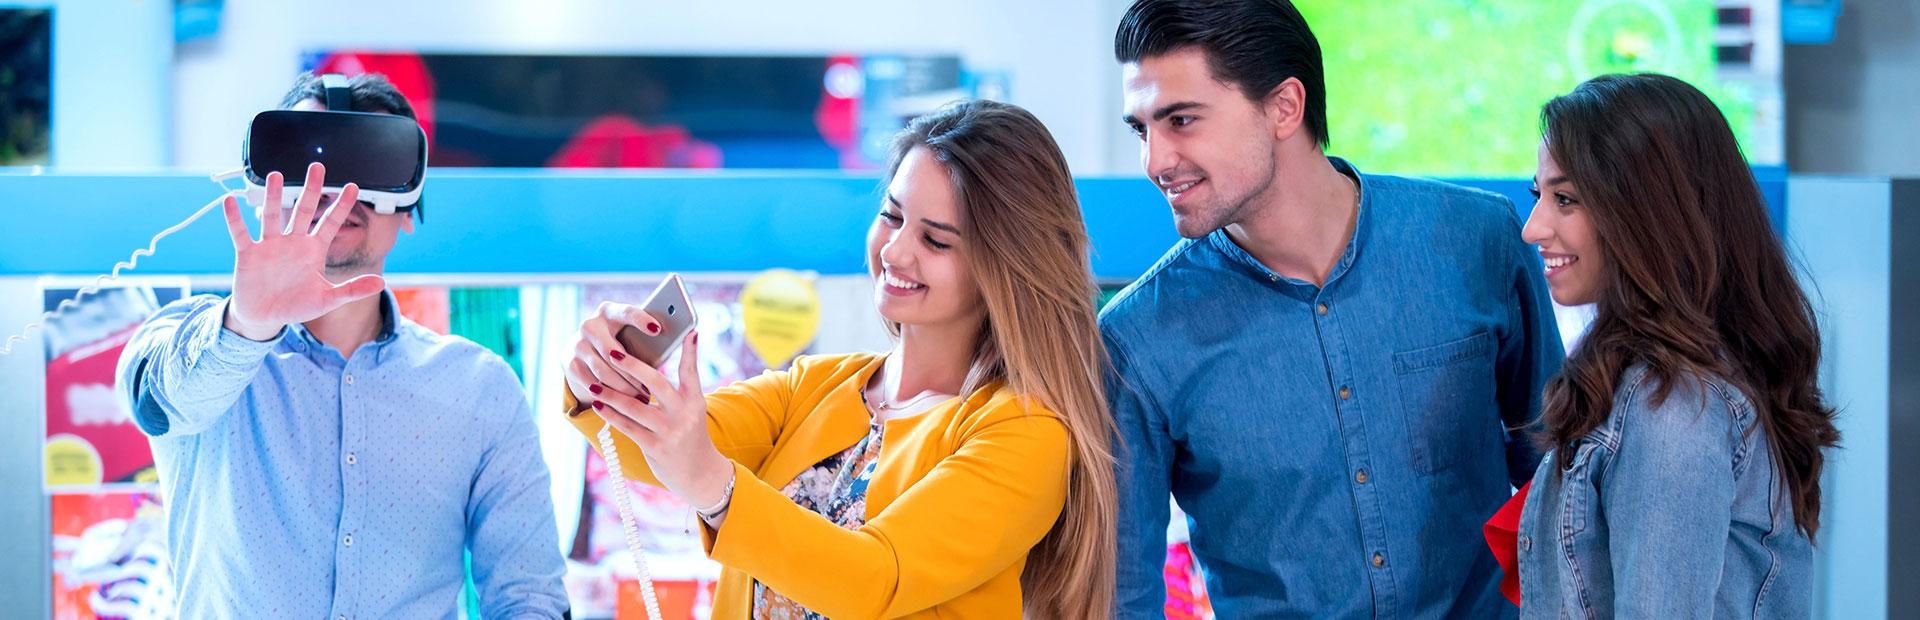 6 najważniejszych trendów konsumenckich 2019: jak wpływają nanasze decyzje zakupowe?